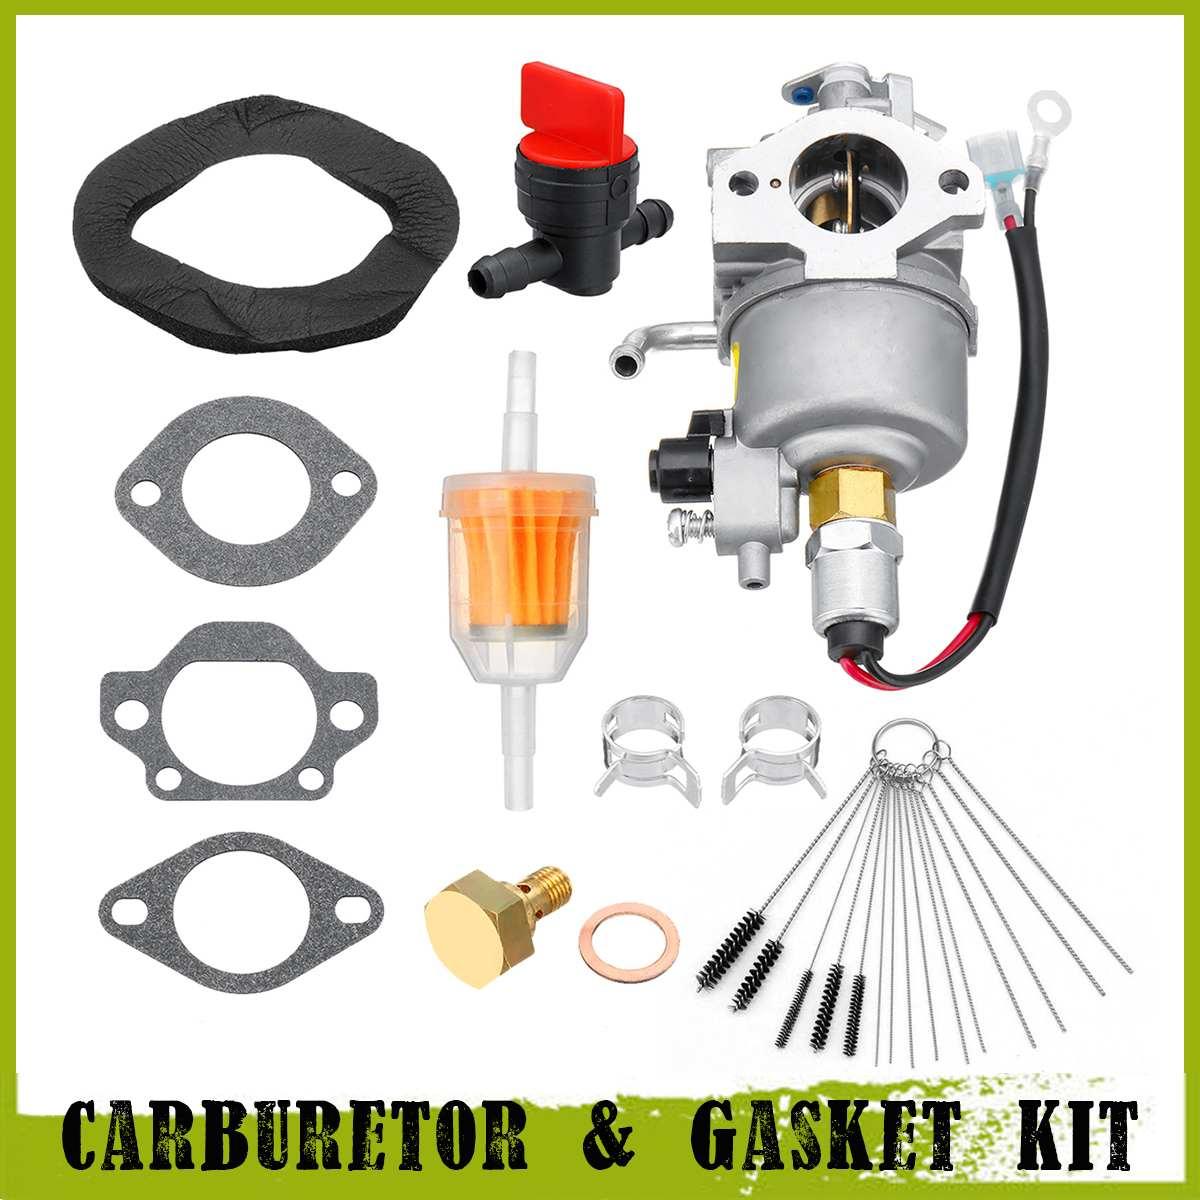 Kit de reconstruction de carburateur remplace le kit Onan A041D736 pour le modèle de moteur Onan marvel schebler modèle 4000 W 4KYFA26100